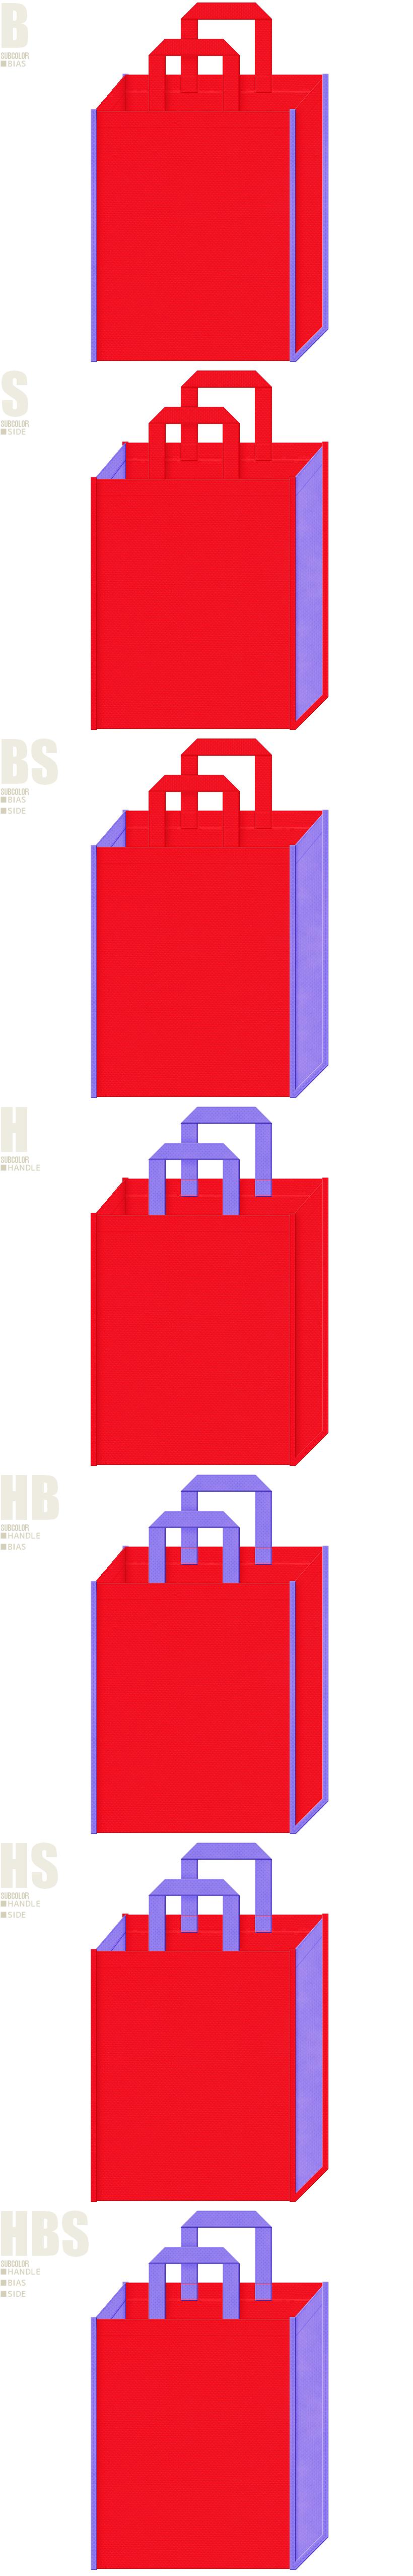 不織布バッグのデザイン:赤色と薄紫色の配色7パターン